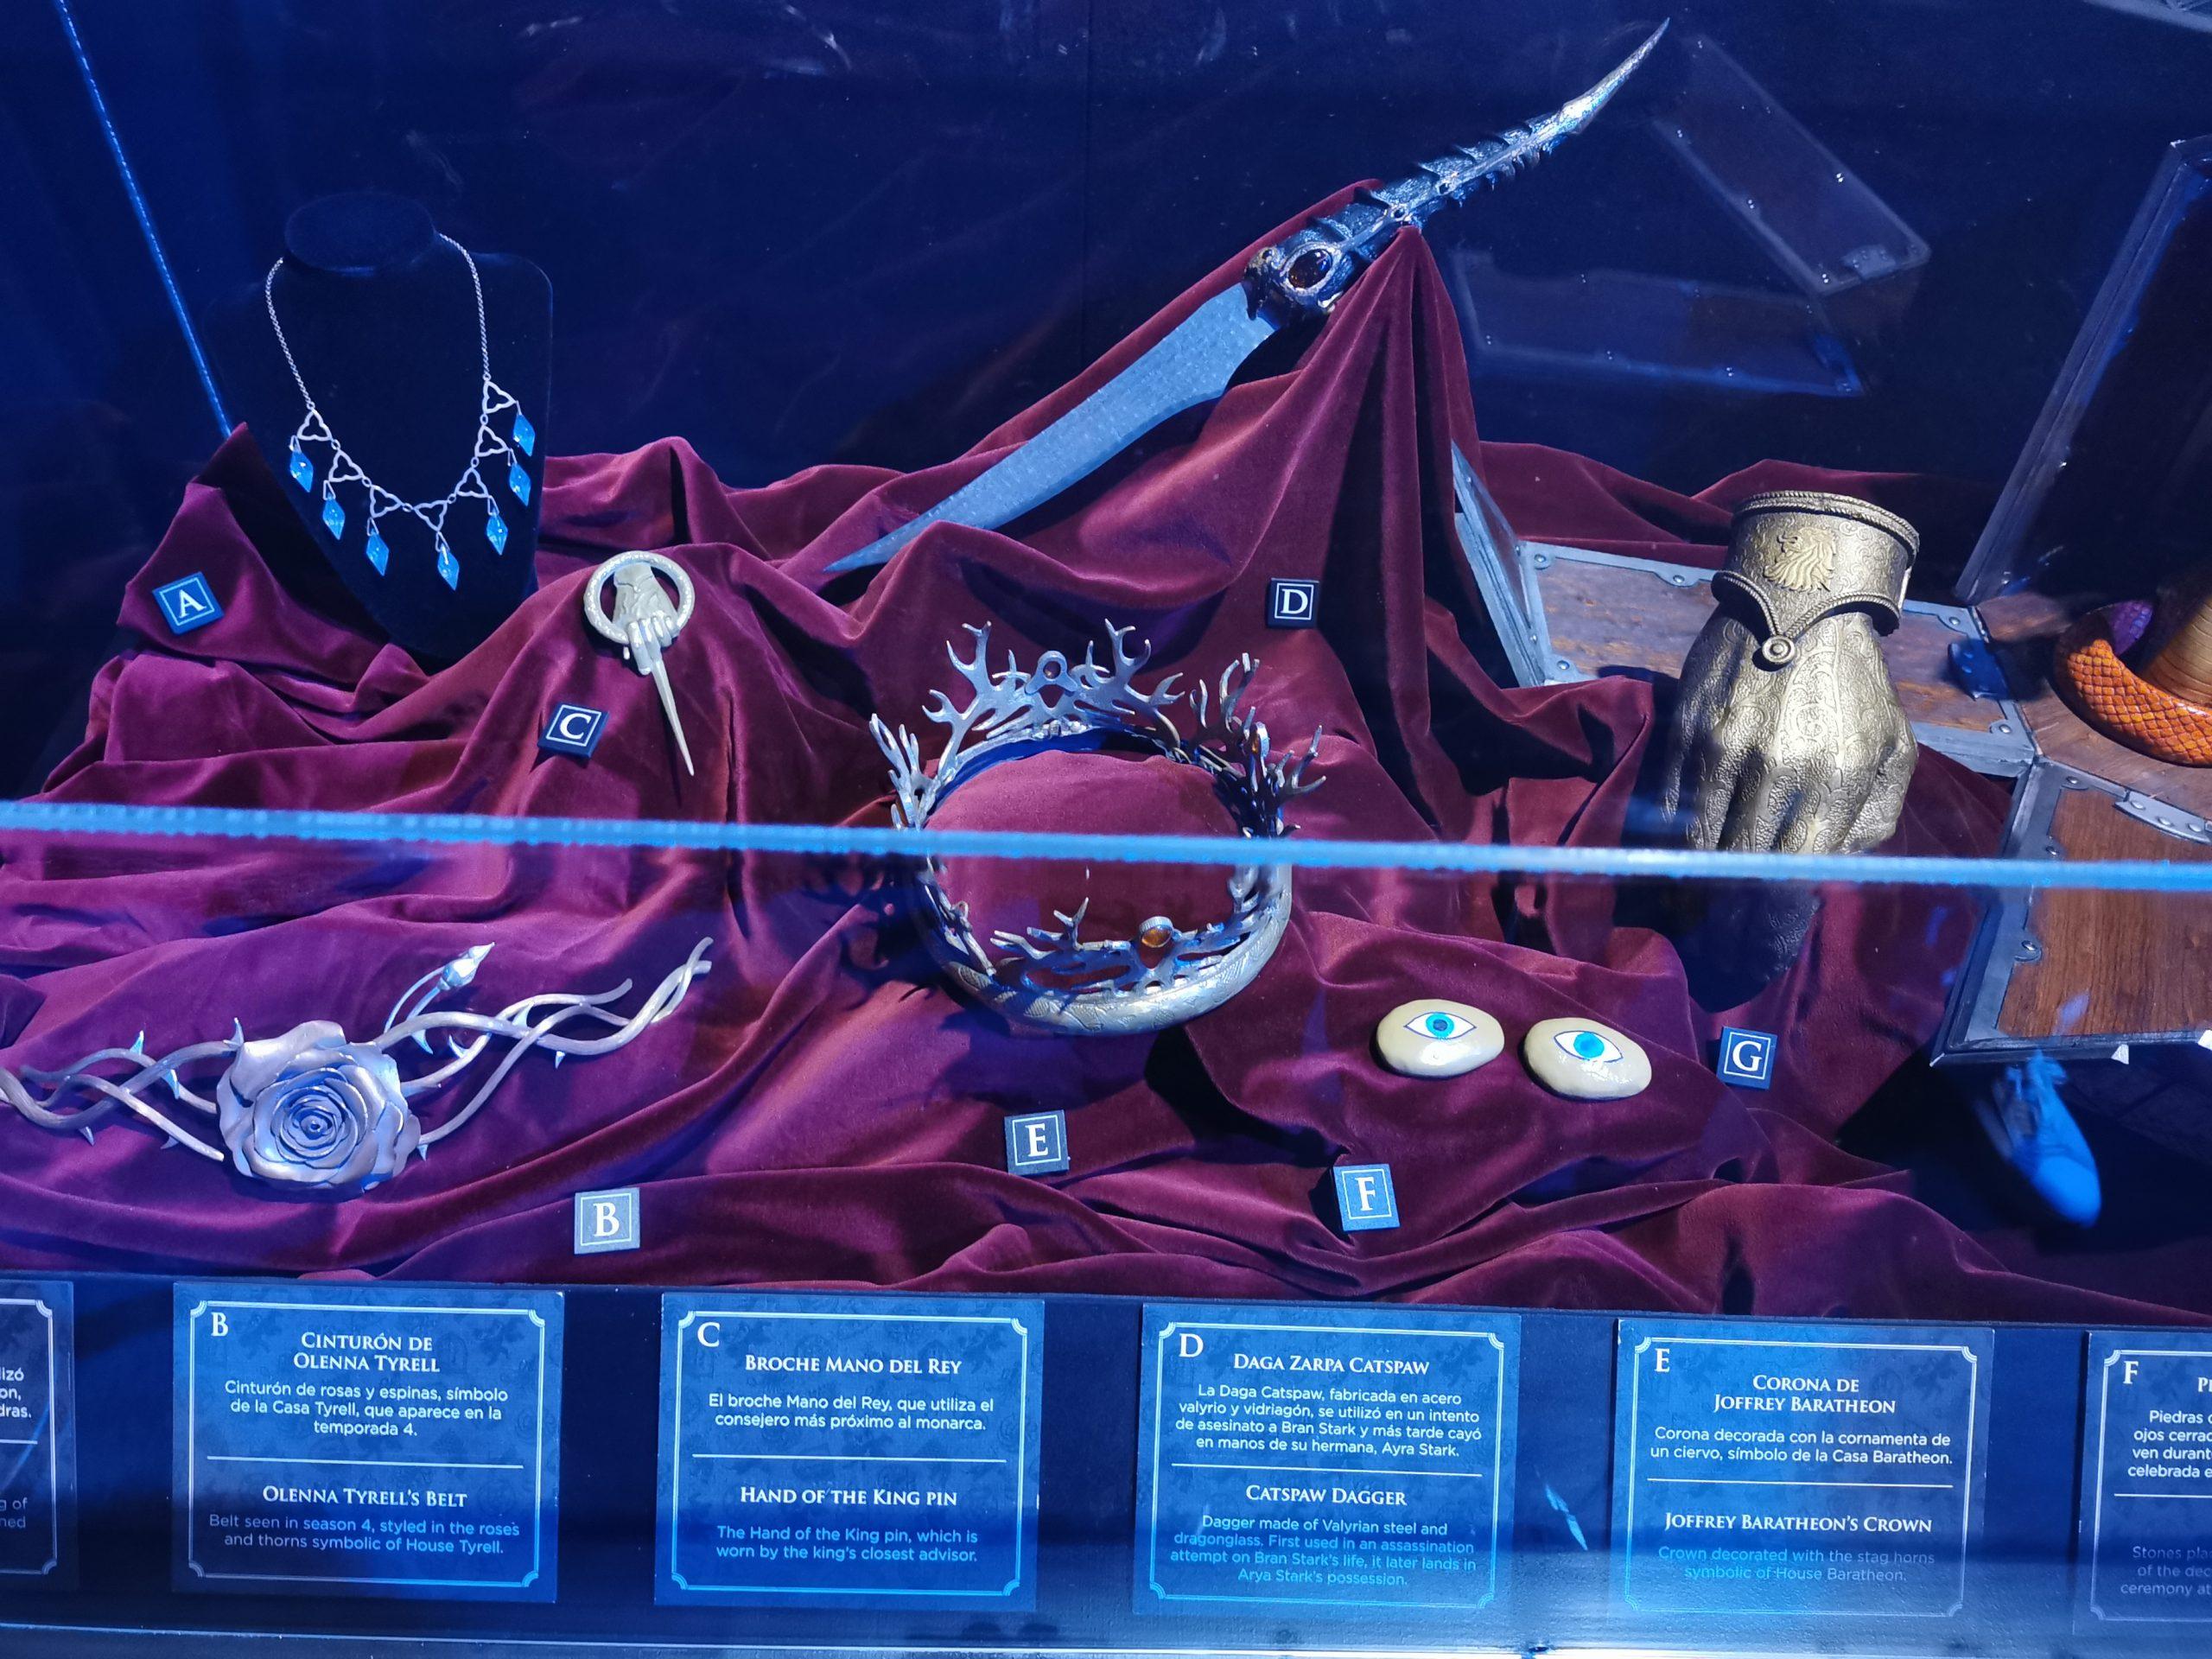 Juego de Tronos exposición oficial exposición 18